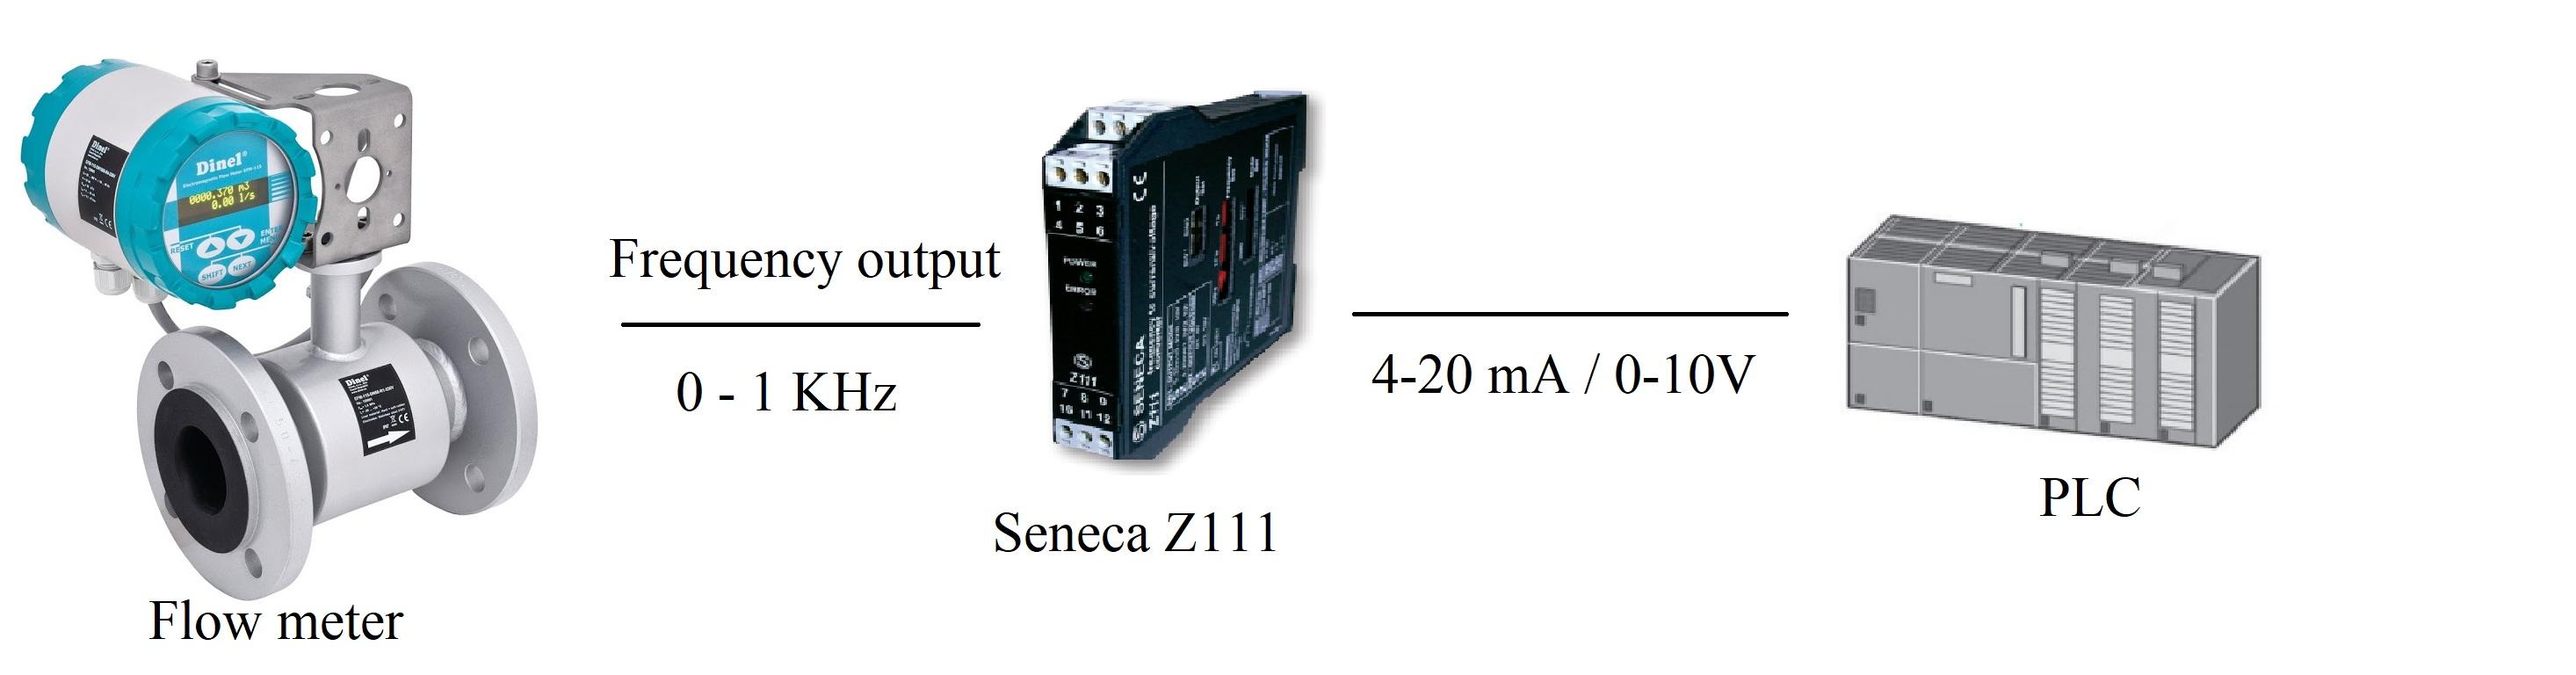 Bộ chuyển đổi tín hiệu digital ra analog